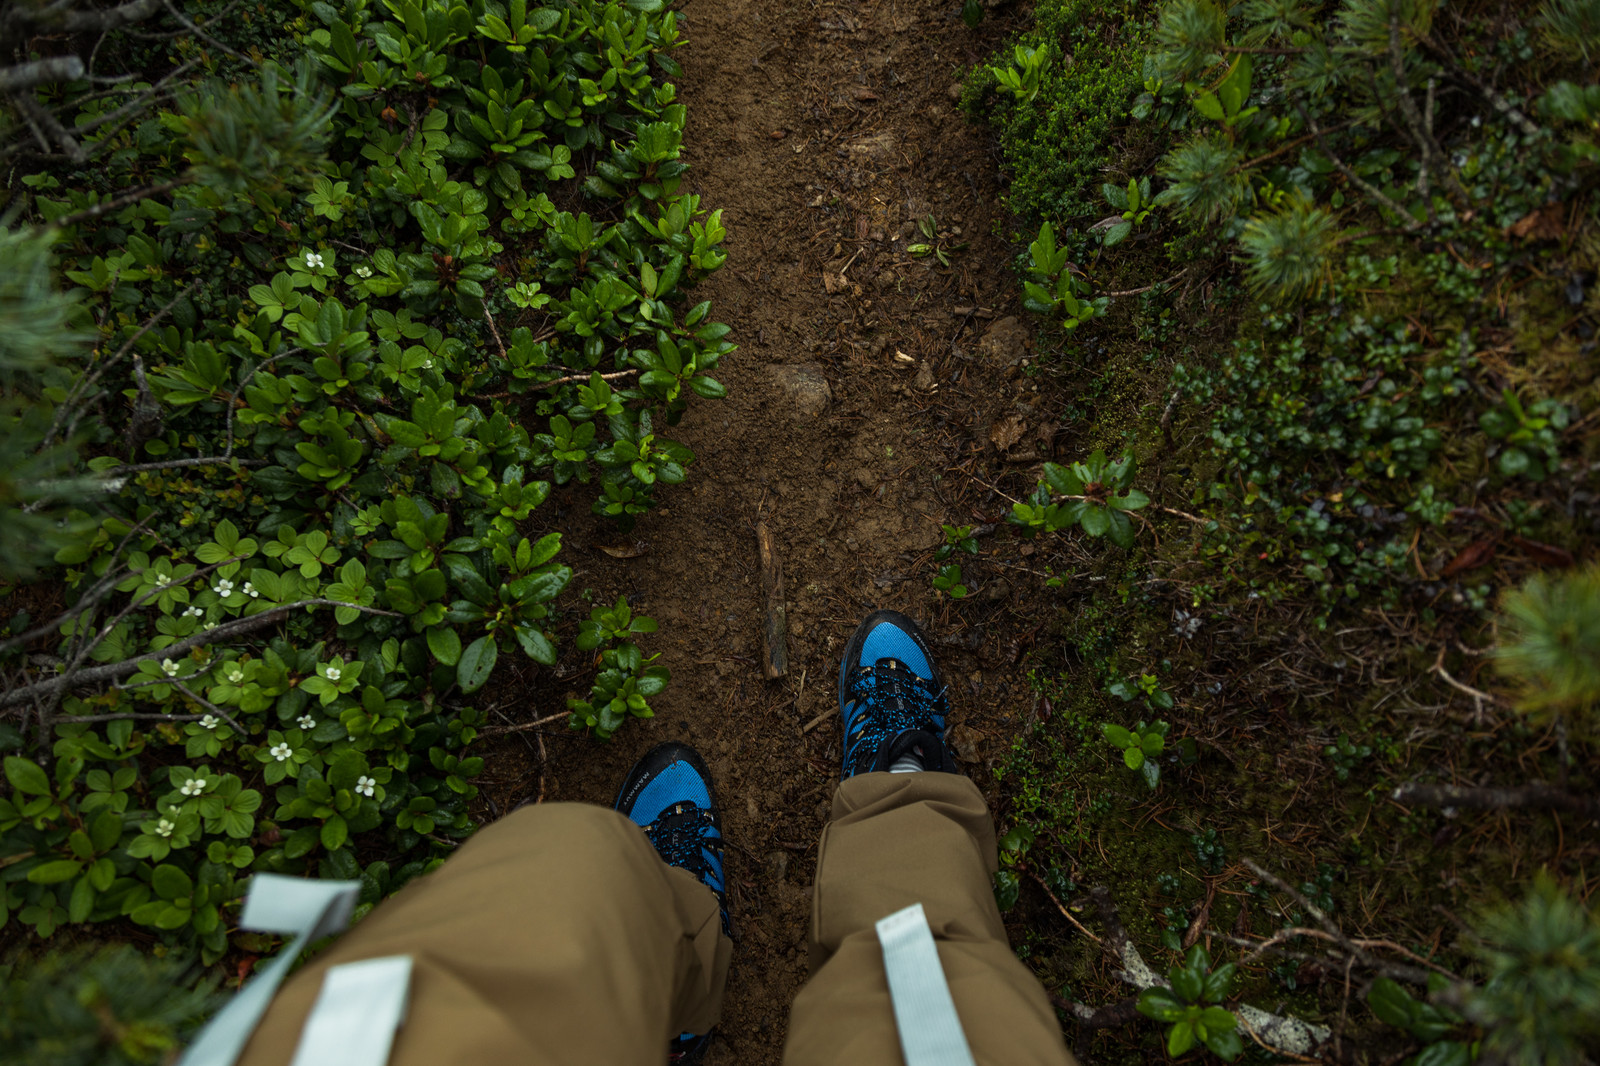 「雨が降って泥濘んだ足元(乗鞍新登山道)」の写真